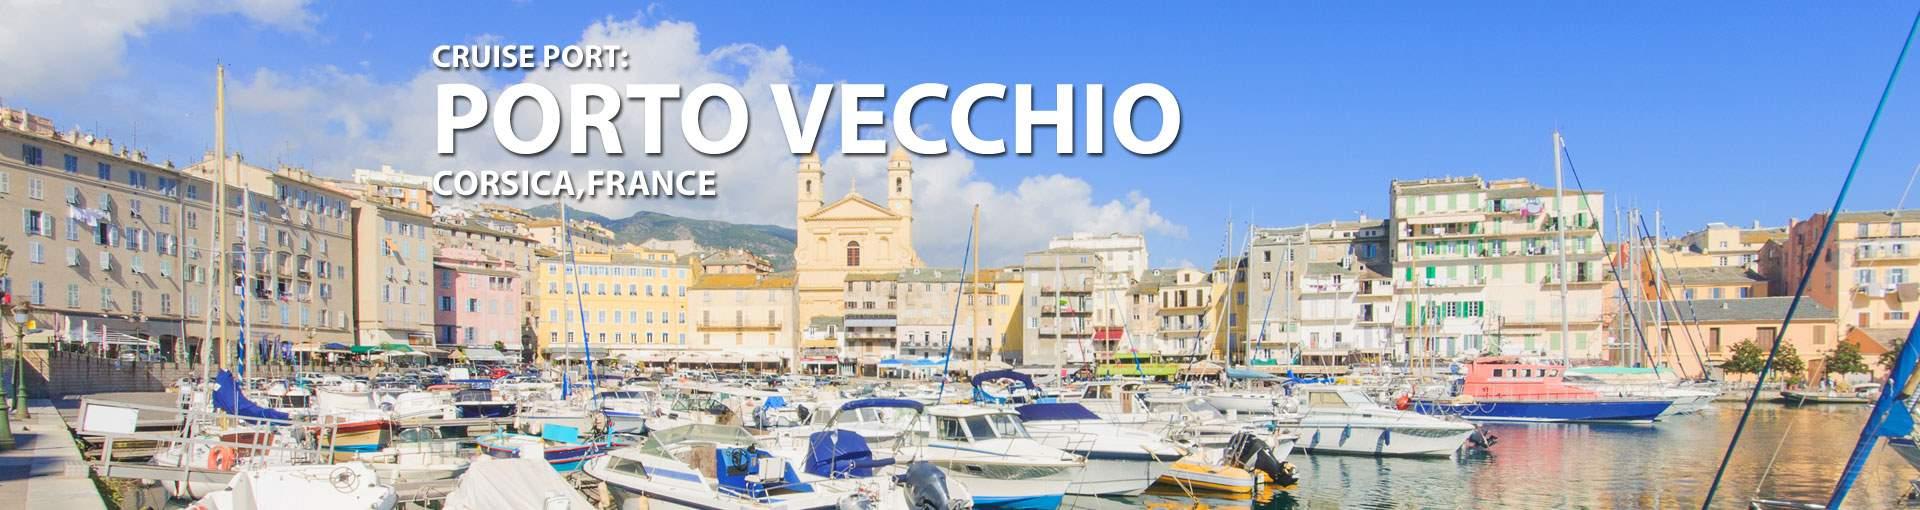 Cruises to Porto Vecchio, Corsica, France